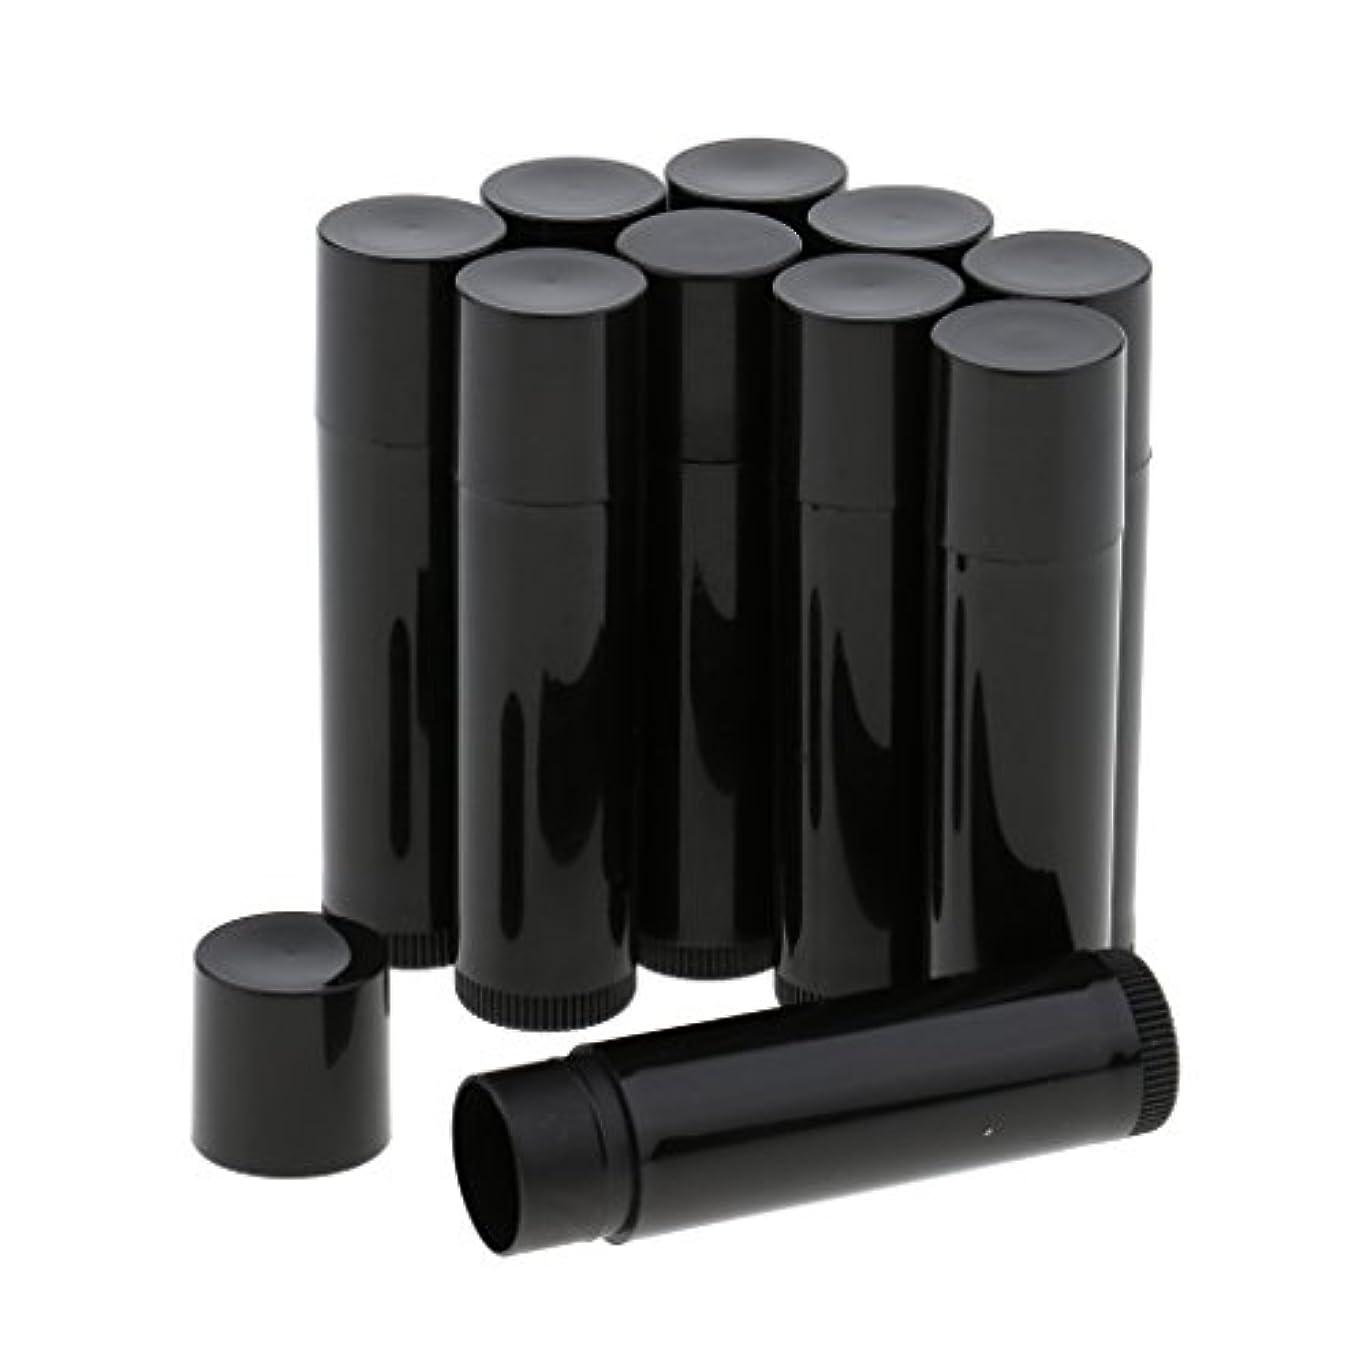 大胆不敵モナリザ同様にBaosity 10個 空ボトル チューブ 化粧品 コスメ DIY 詰替え 便利 3色選べ - ブラック